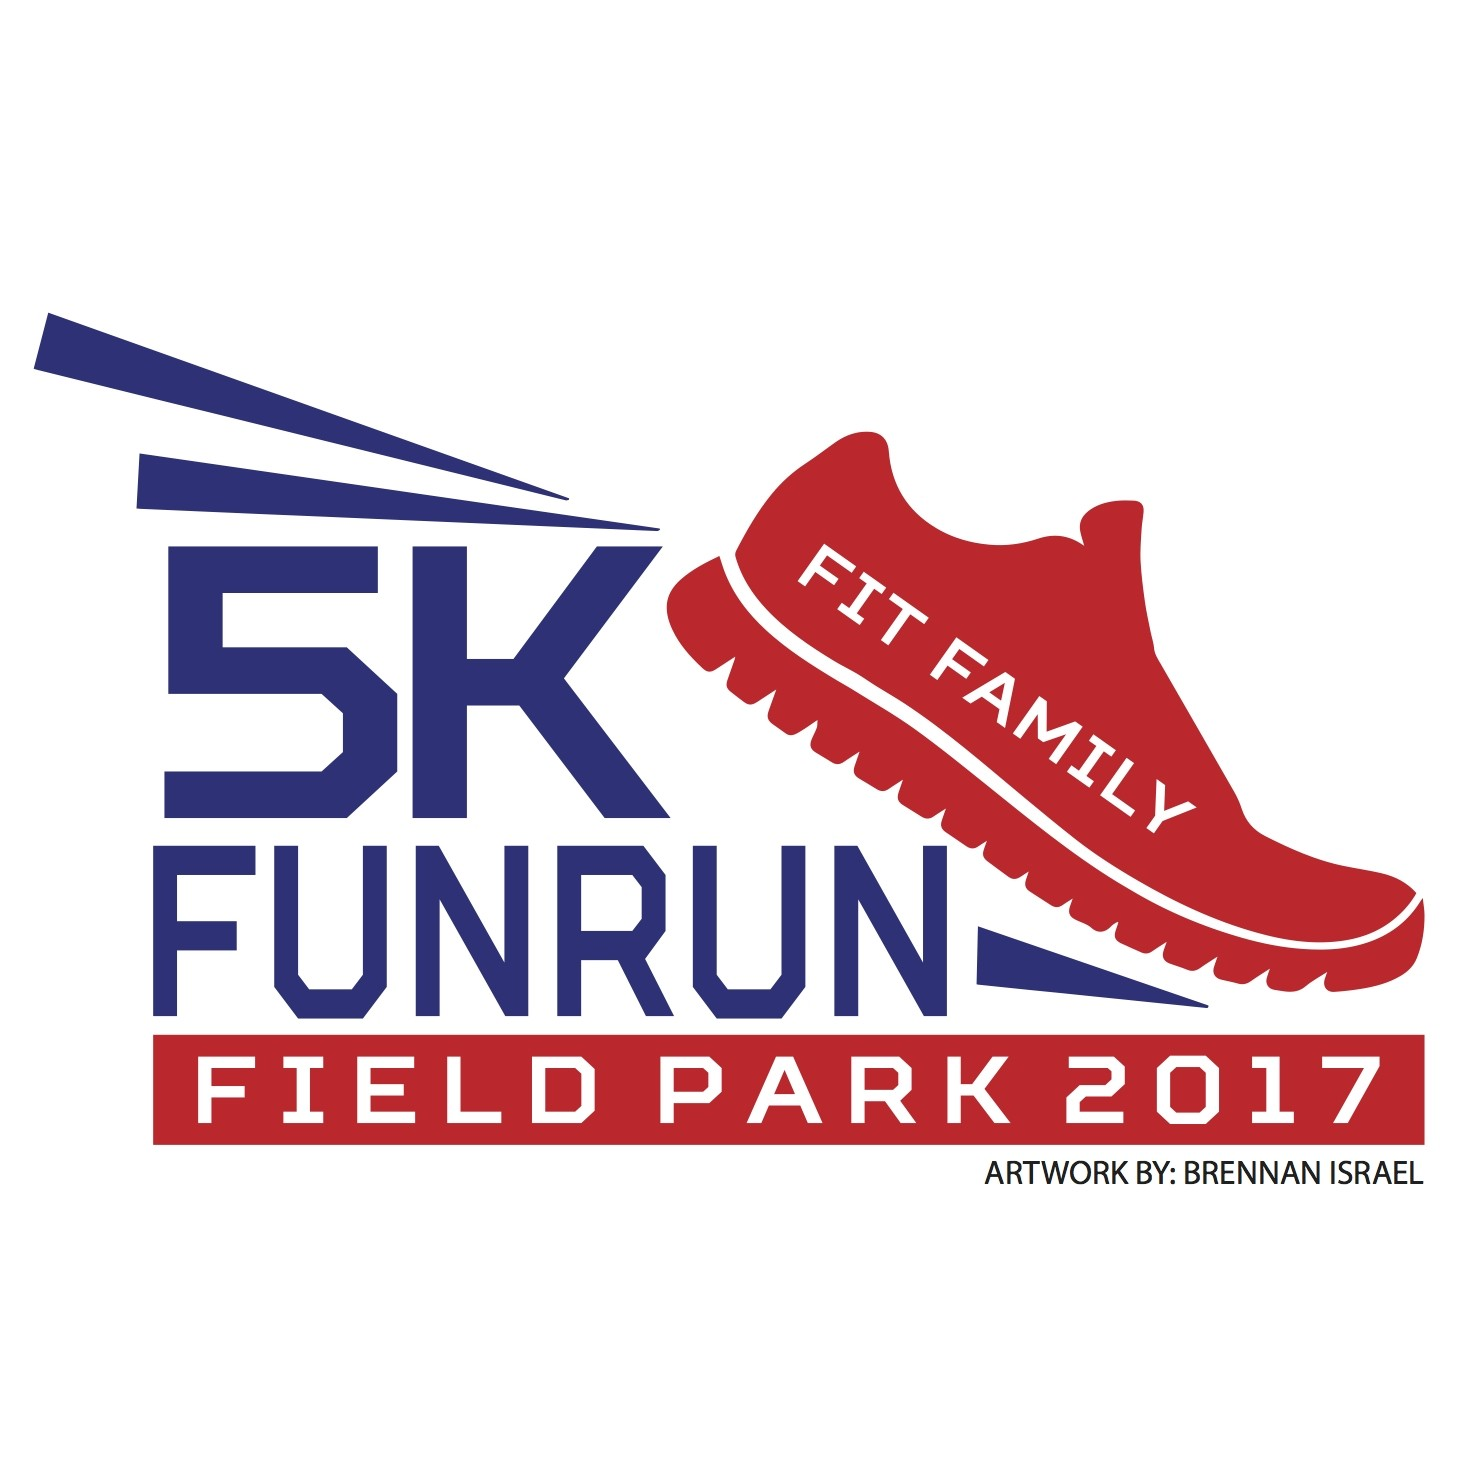 2017 Field Park logo.jpg